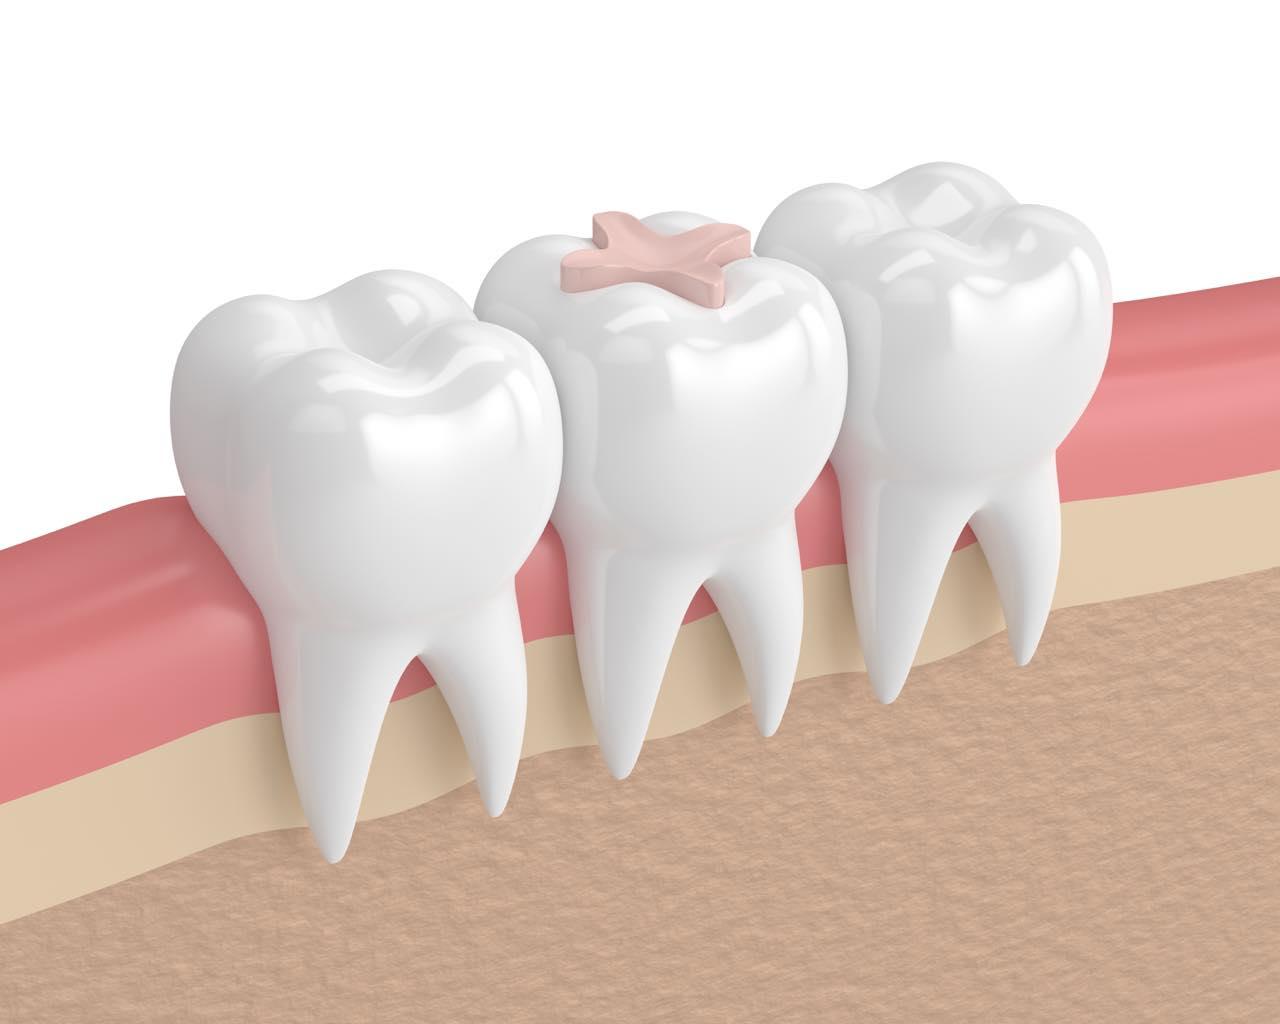 オールセラミックは奥歯の詰め物や被せ物に適応するの?